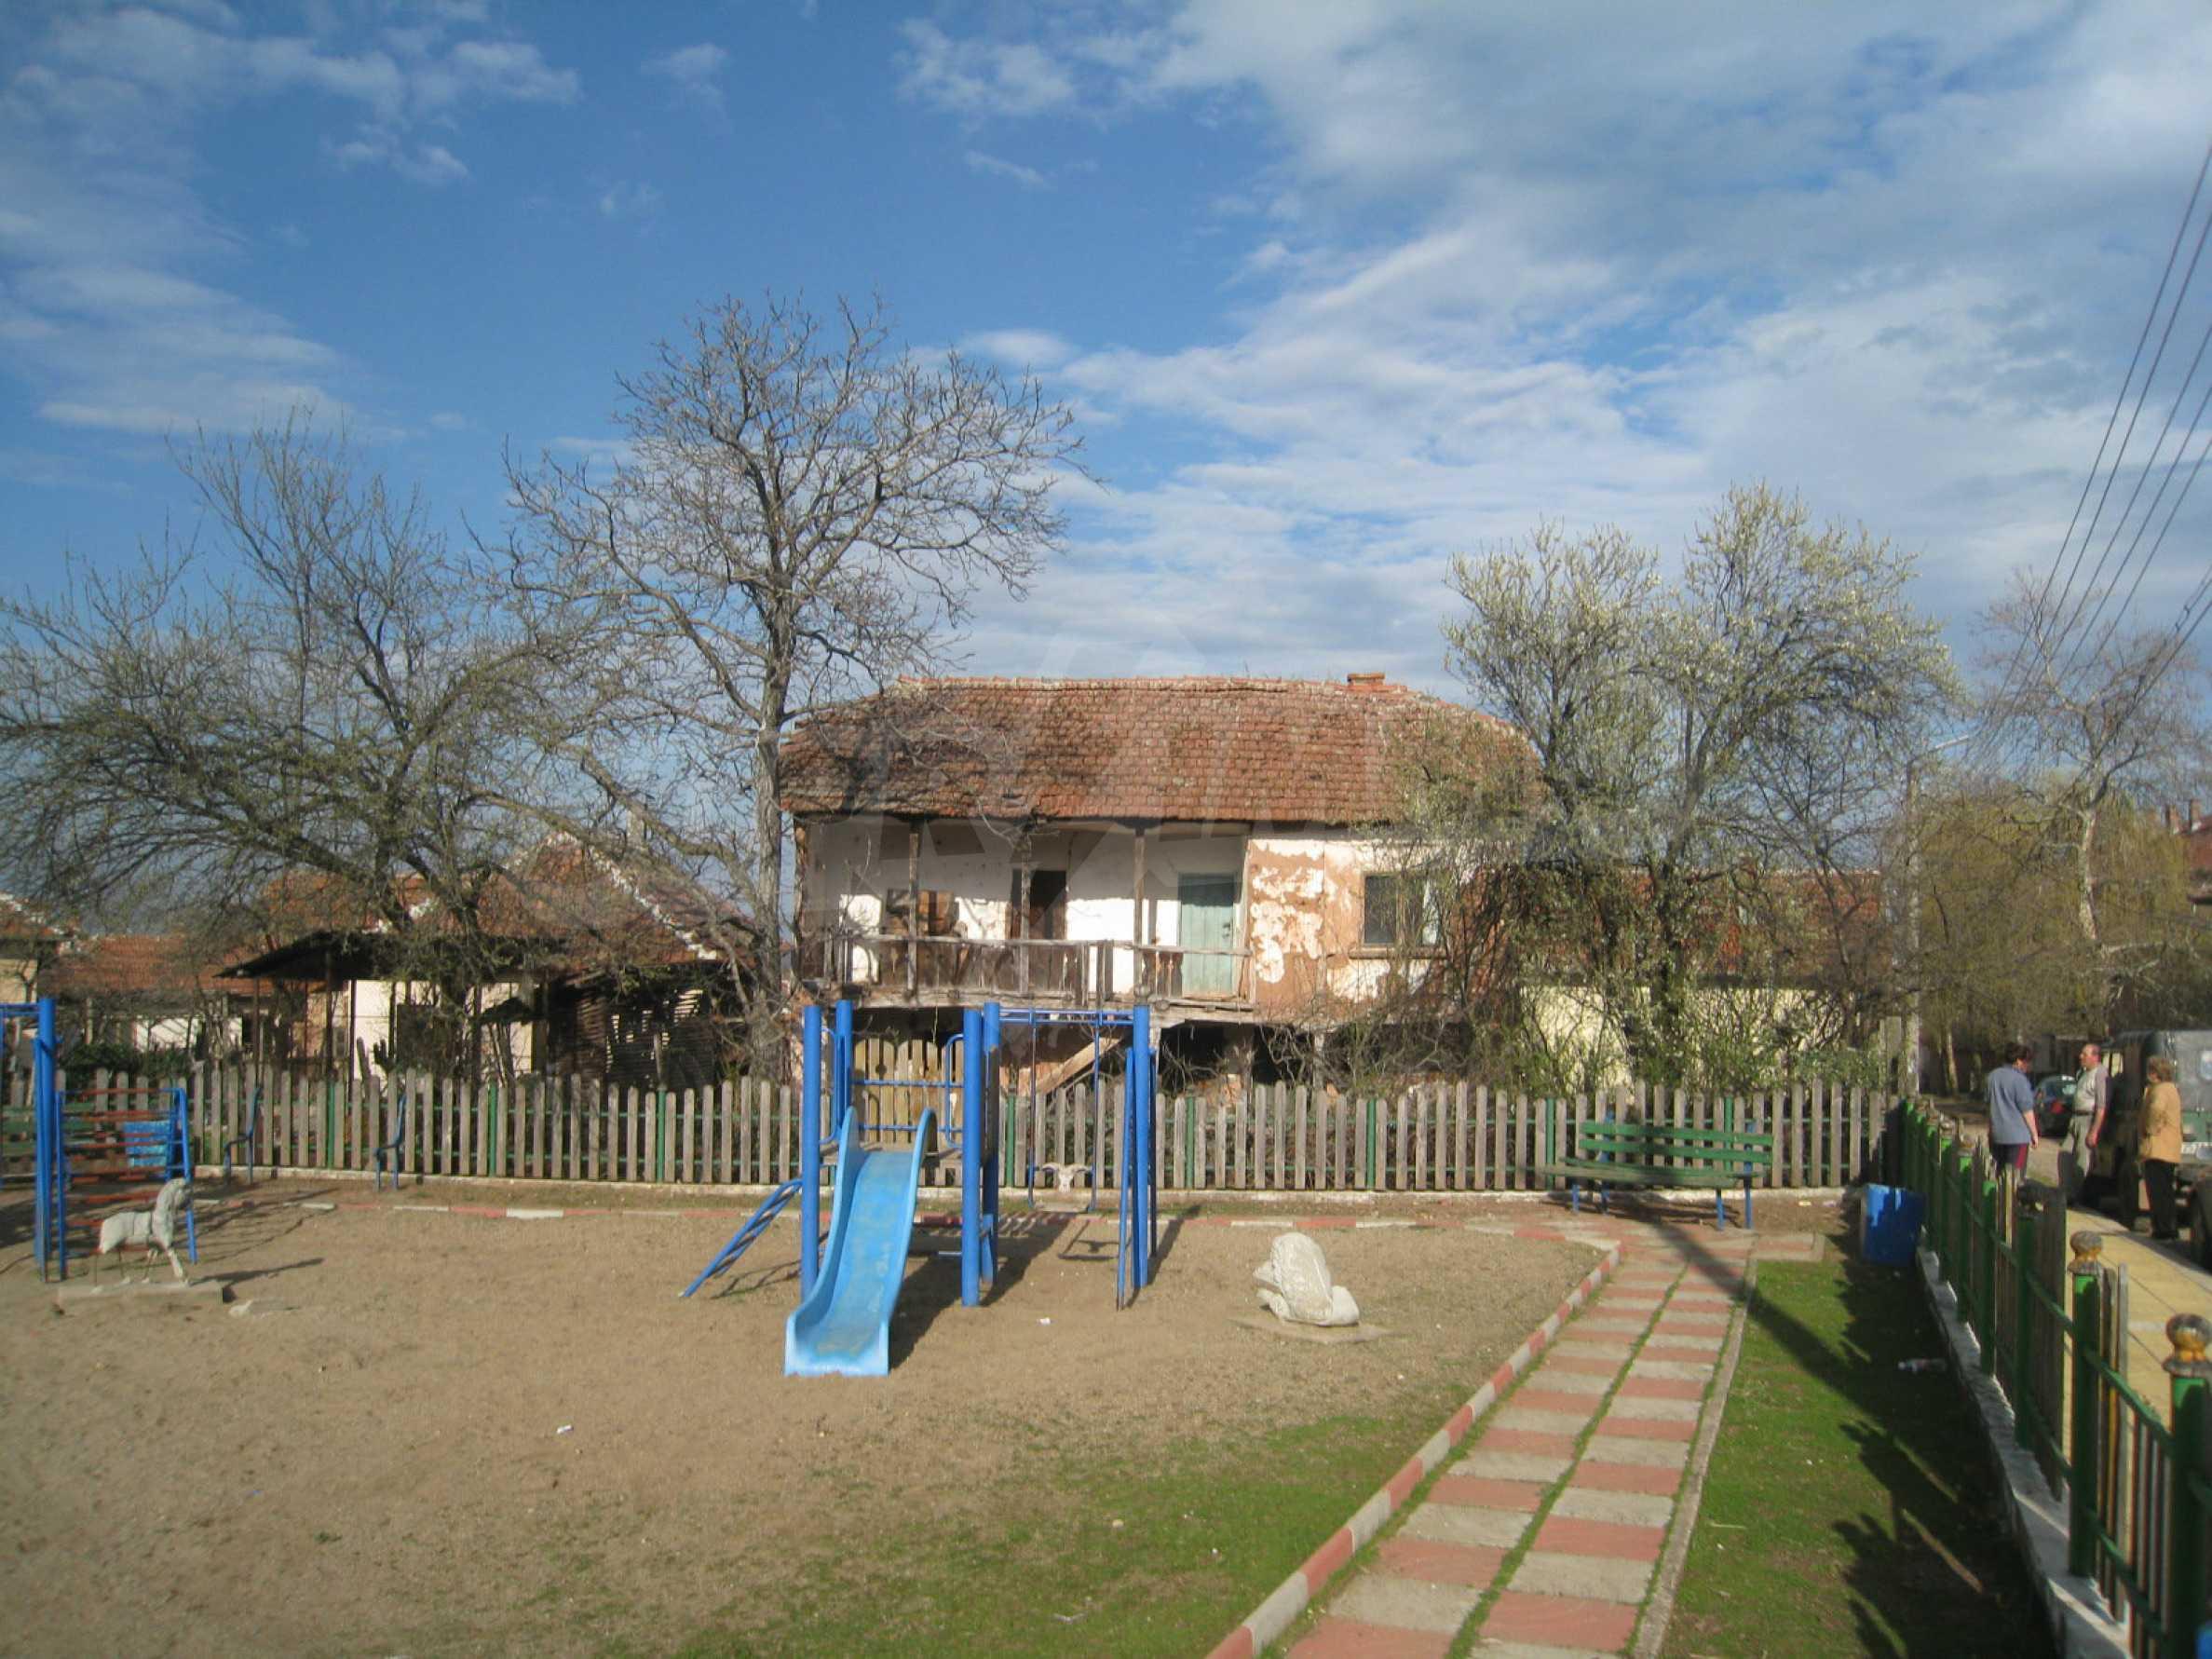 Ein Haus mit einem Garten im Zentrum eines entwickelten Dorfes in der Nähe von Montana 32